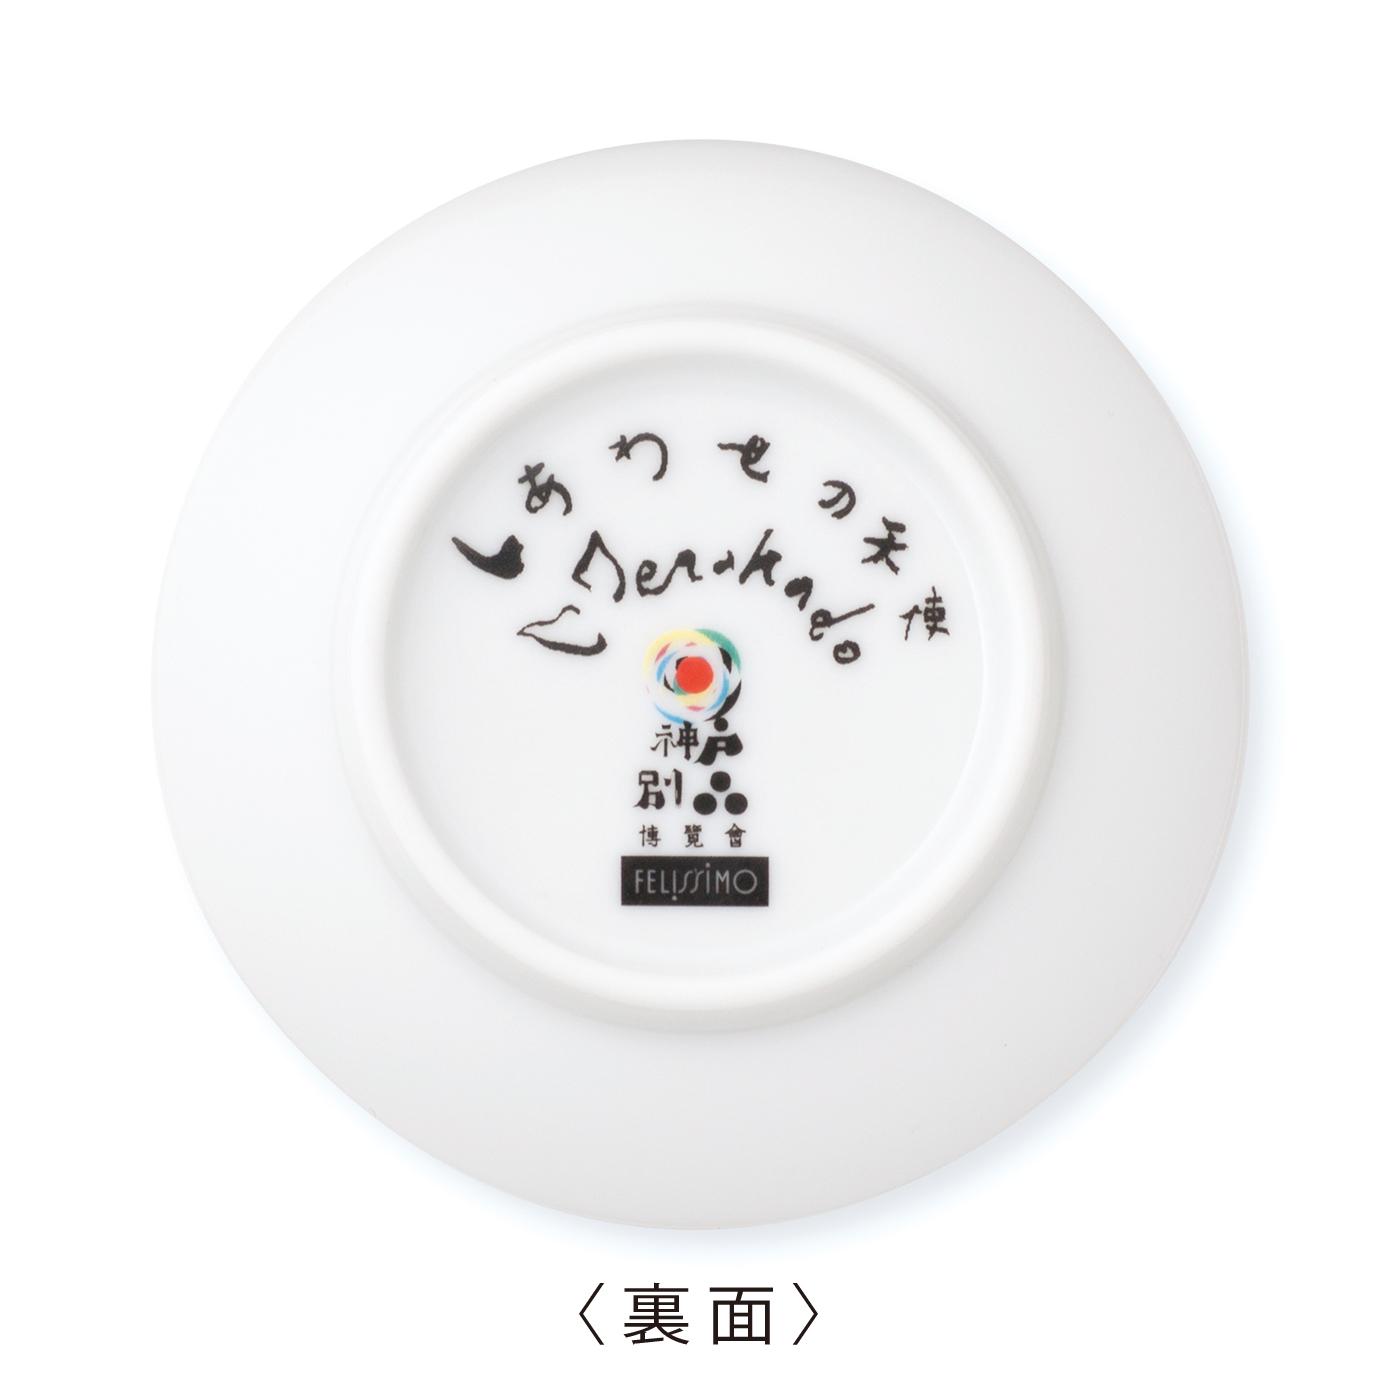 寺門さん自筆の天使のなまえとサイン、別品博覧会のロゴプリント入り。